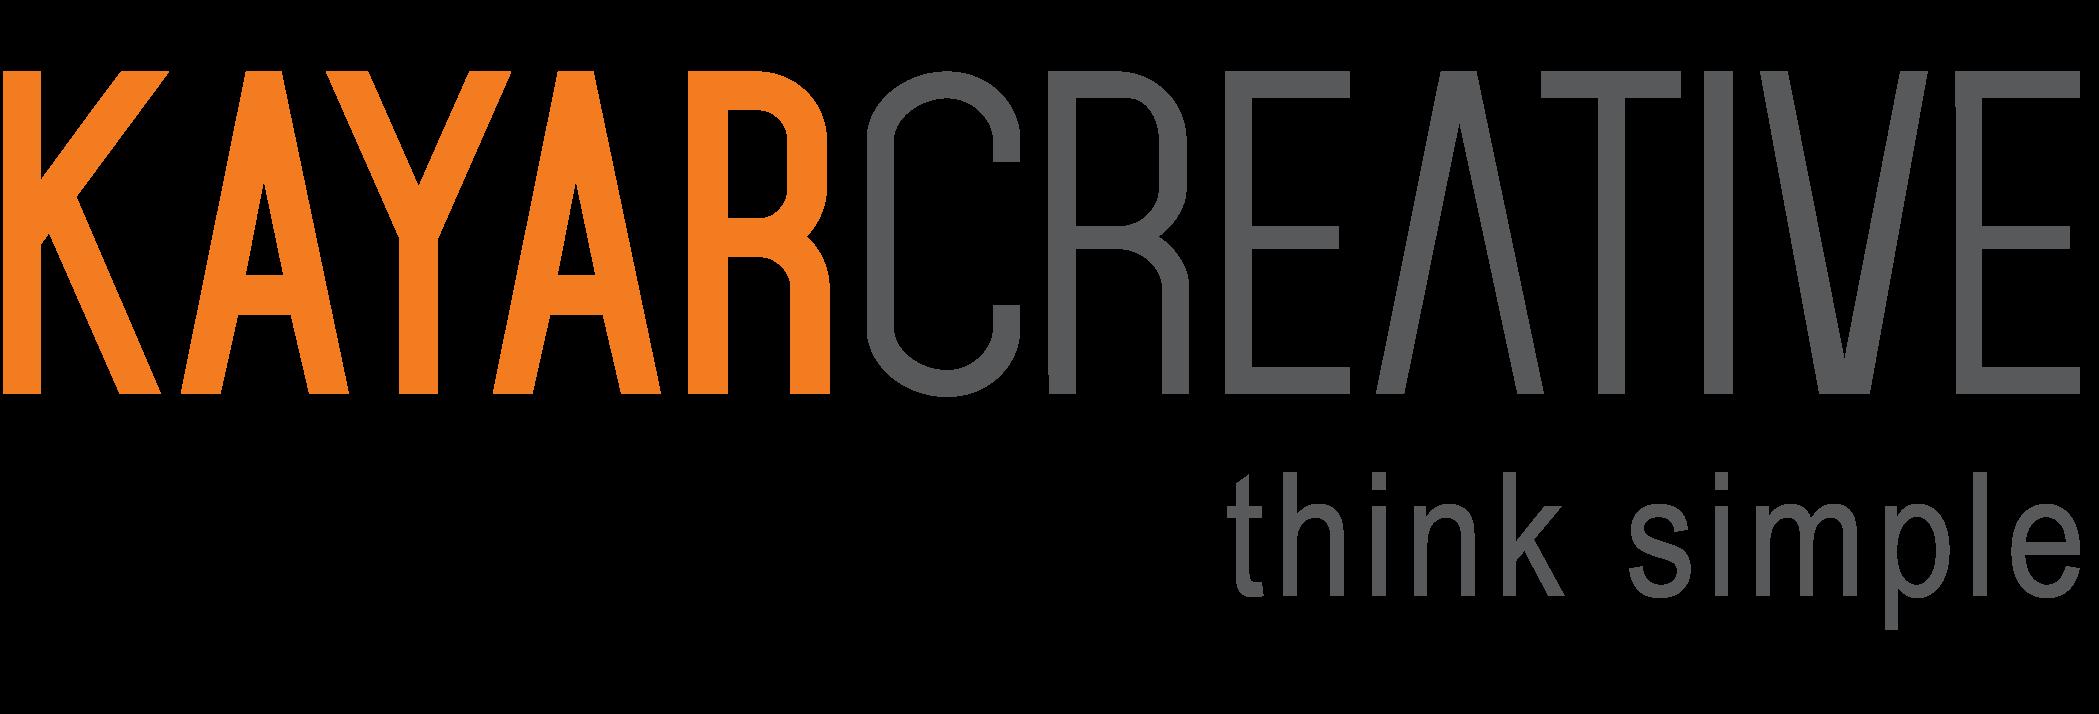 KAYAR Creative